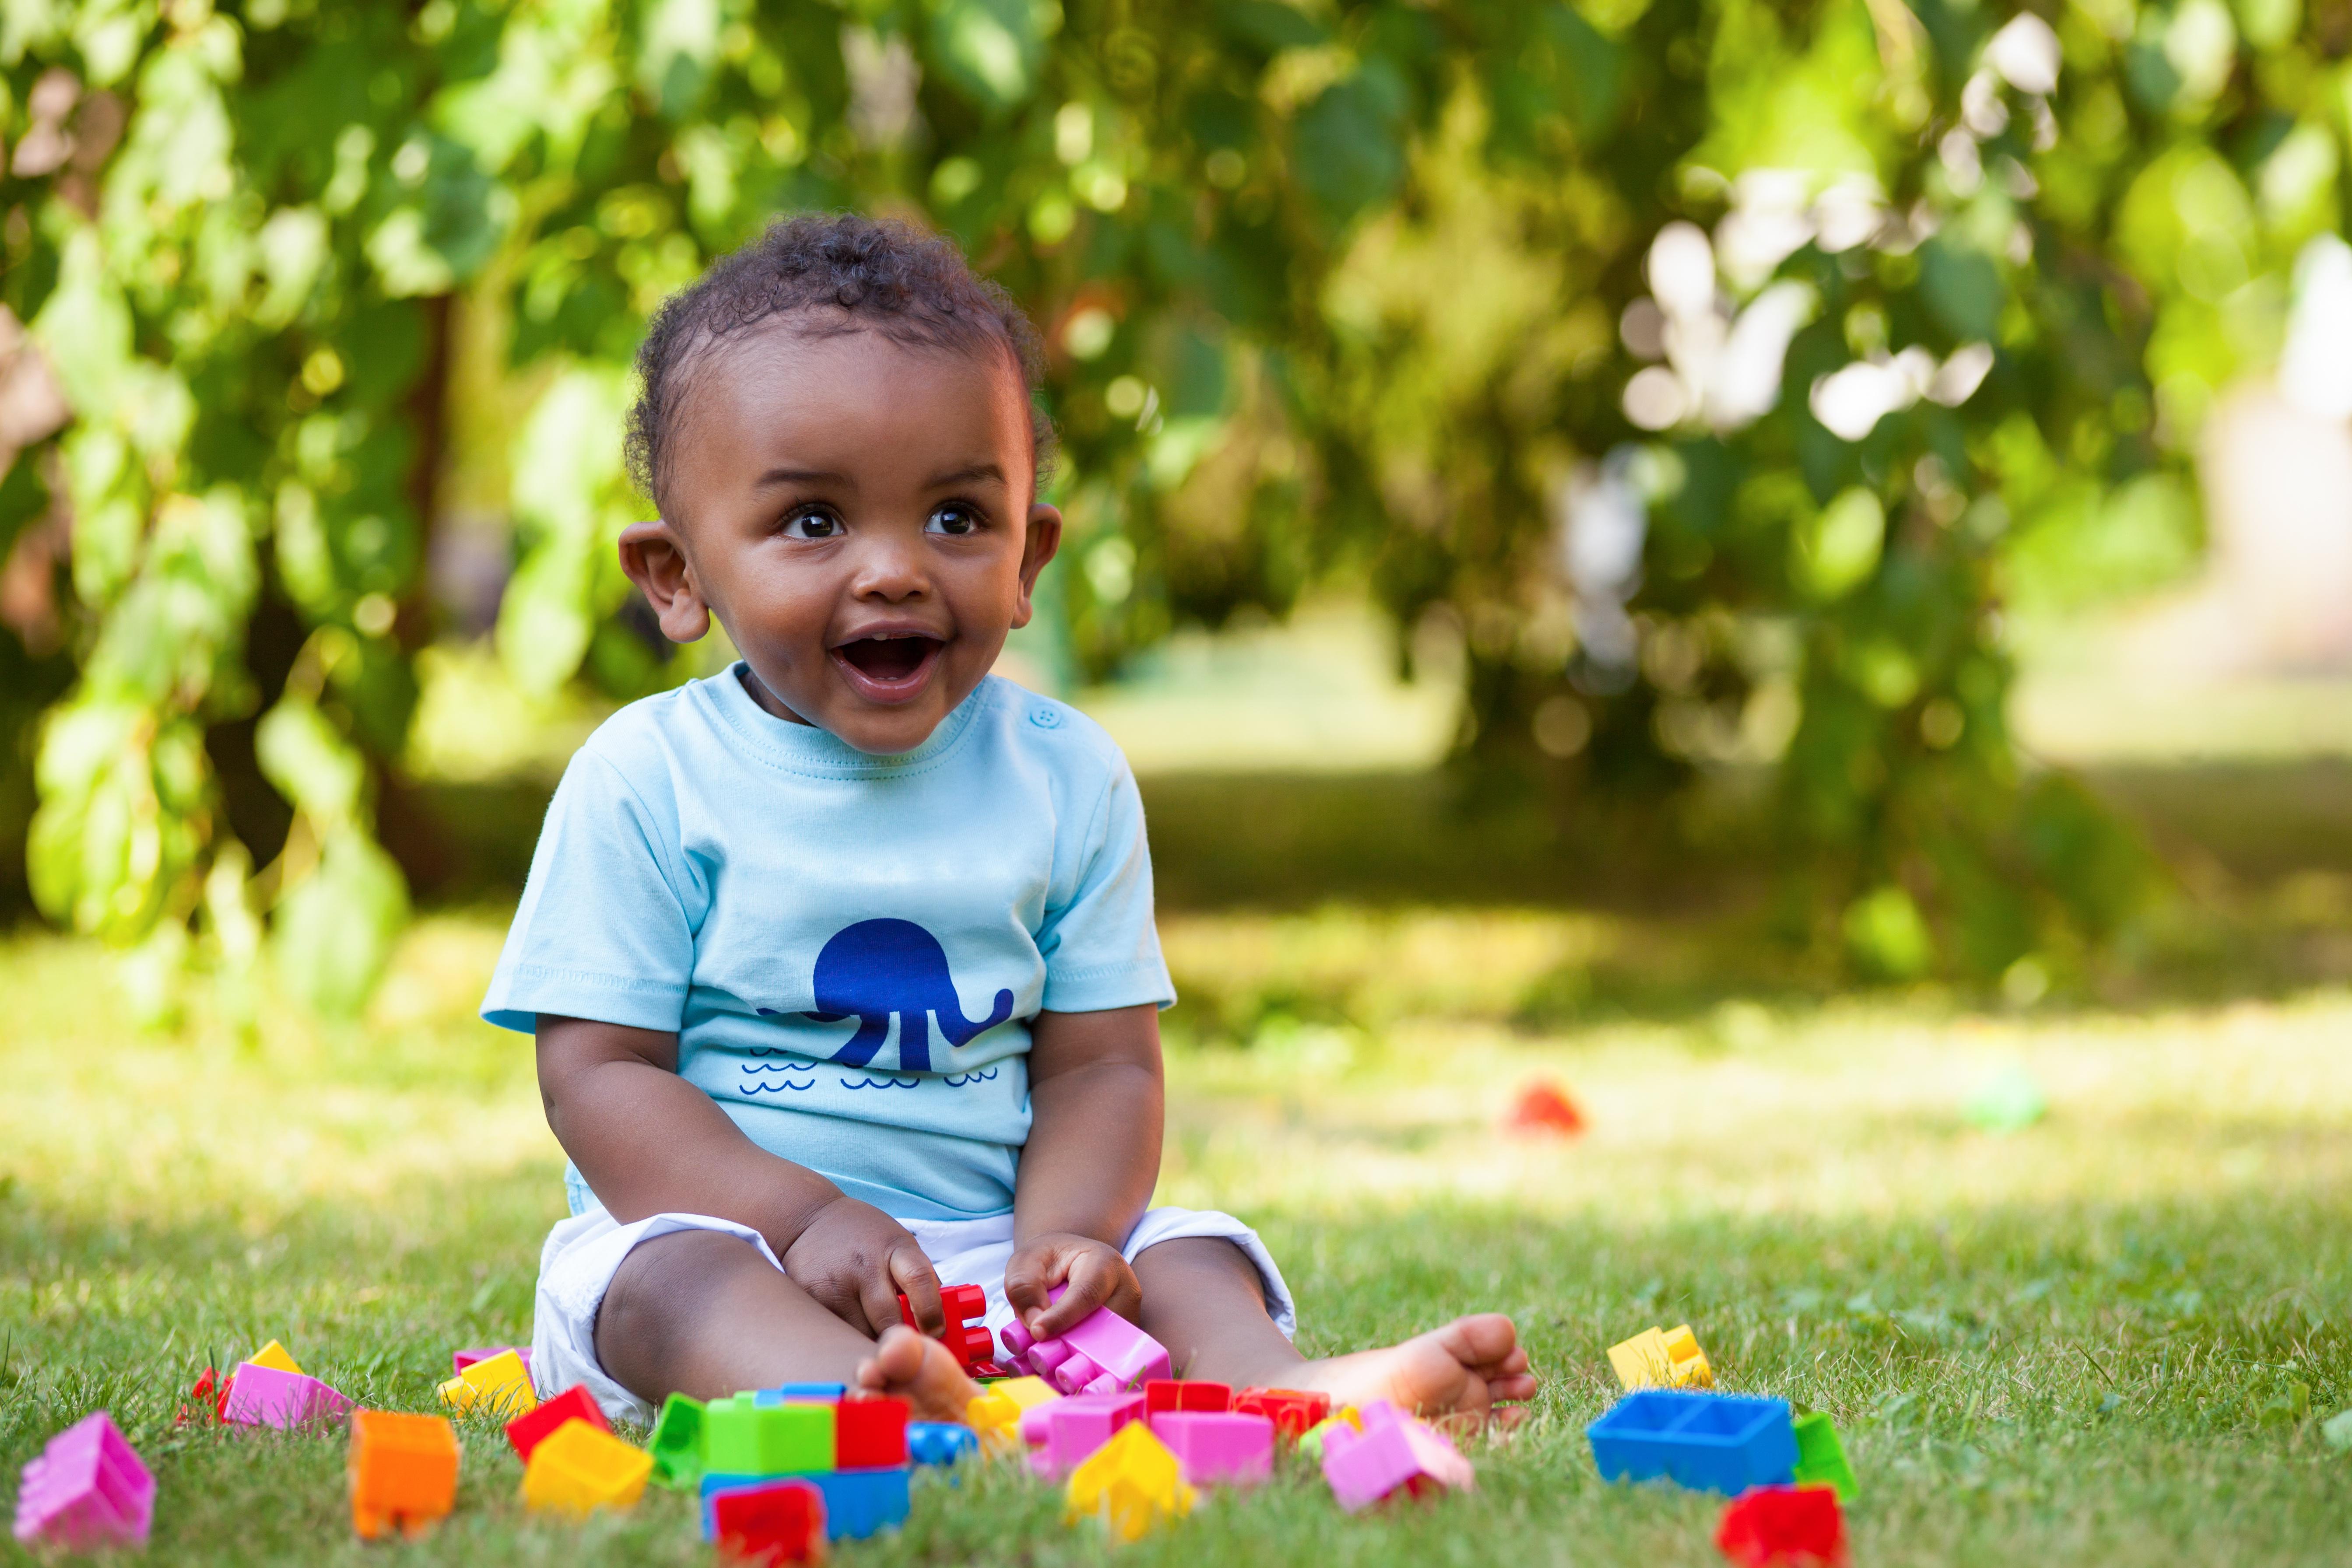 Os melhores brinquedos para bebés